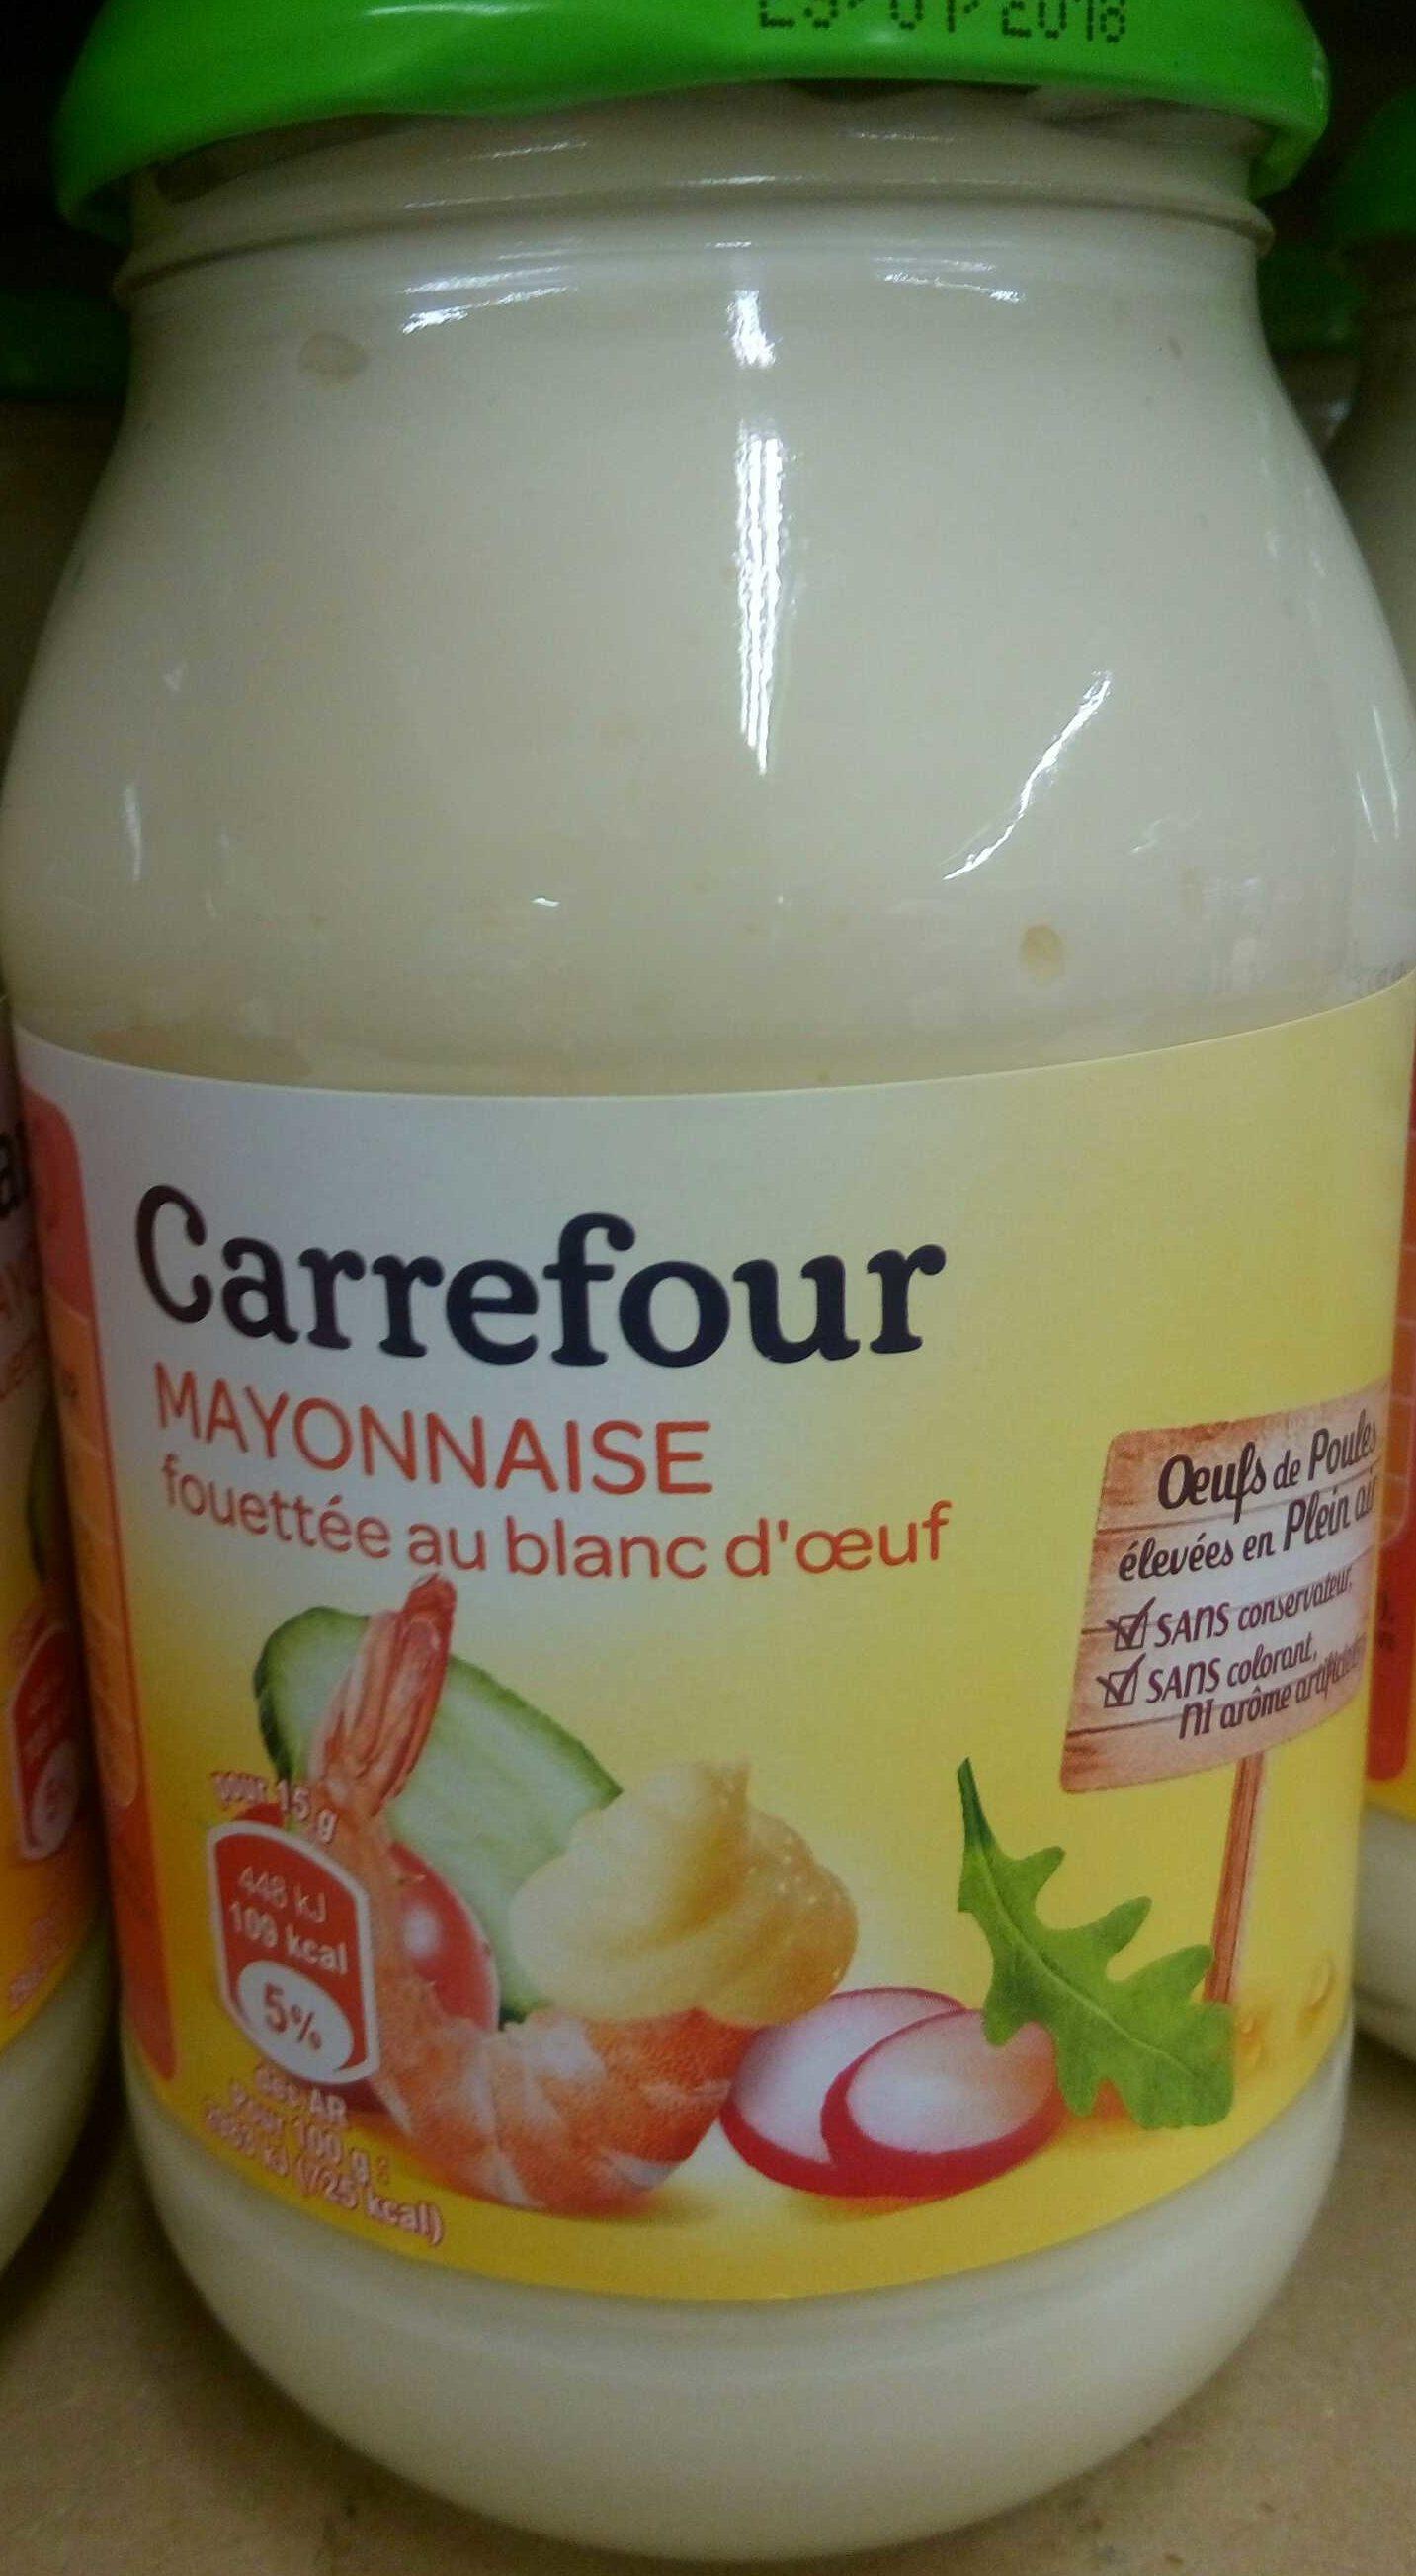 Mayonnaise fouettée au blanc d'œuf - Produkt - fr